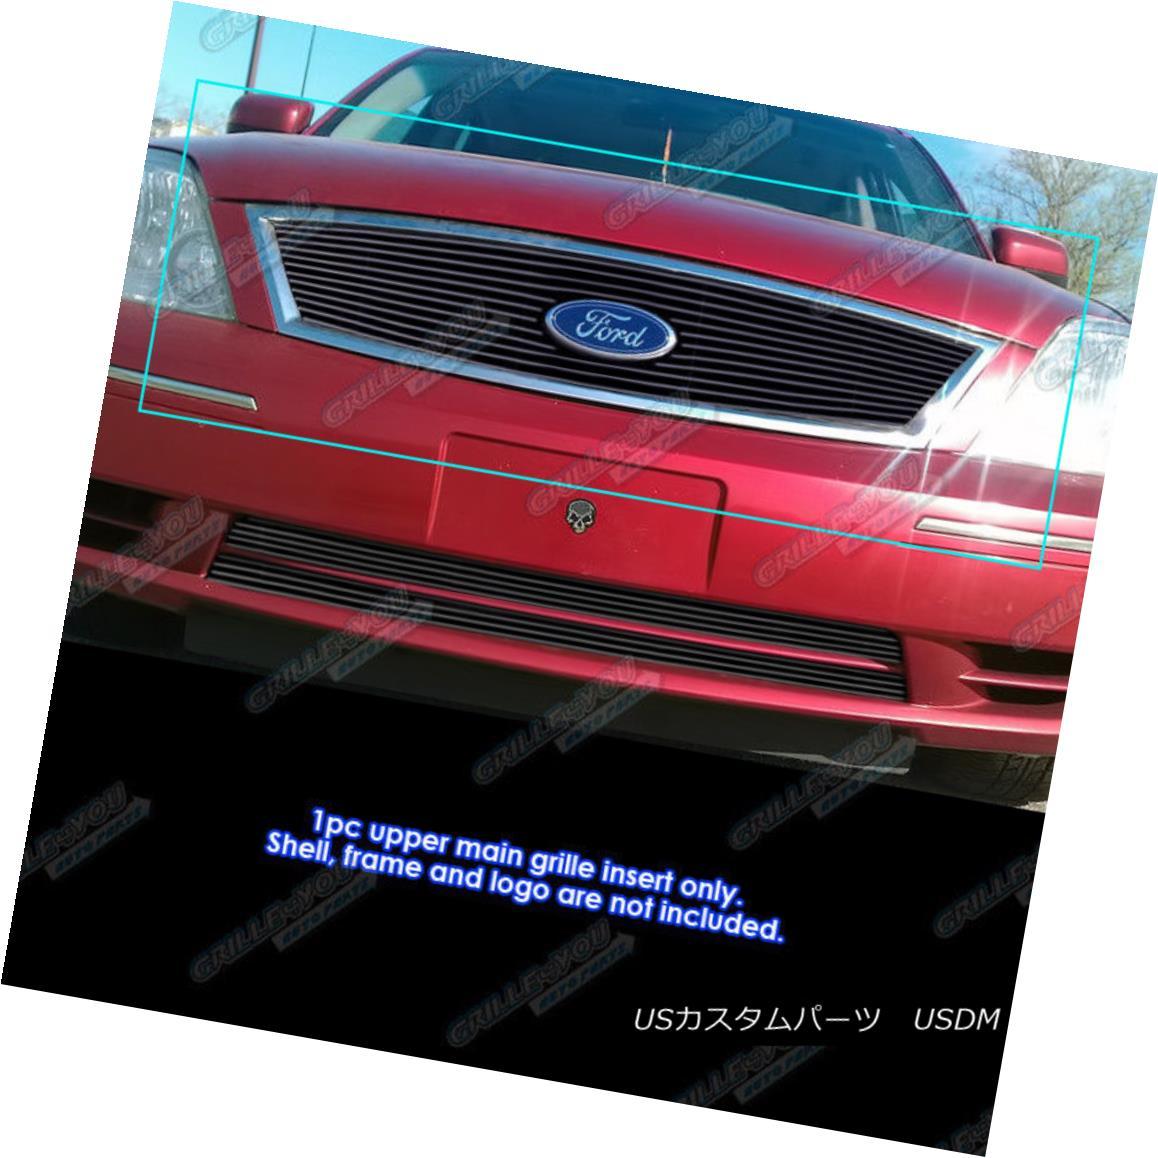 グリル Fits 2005-2007 Ford Five Hundred 500 with logo show Black Billet Grille 2005-2007 Ford Five Hundred 500ロゴ入りブラックビレットグリル